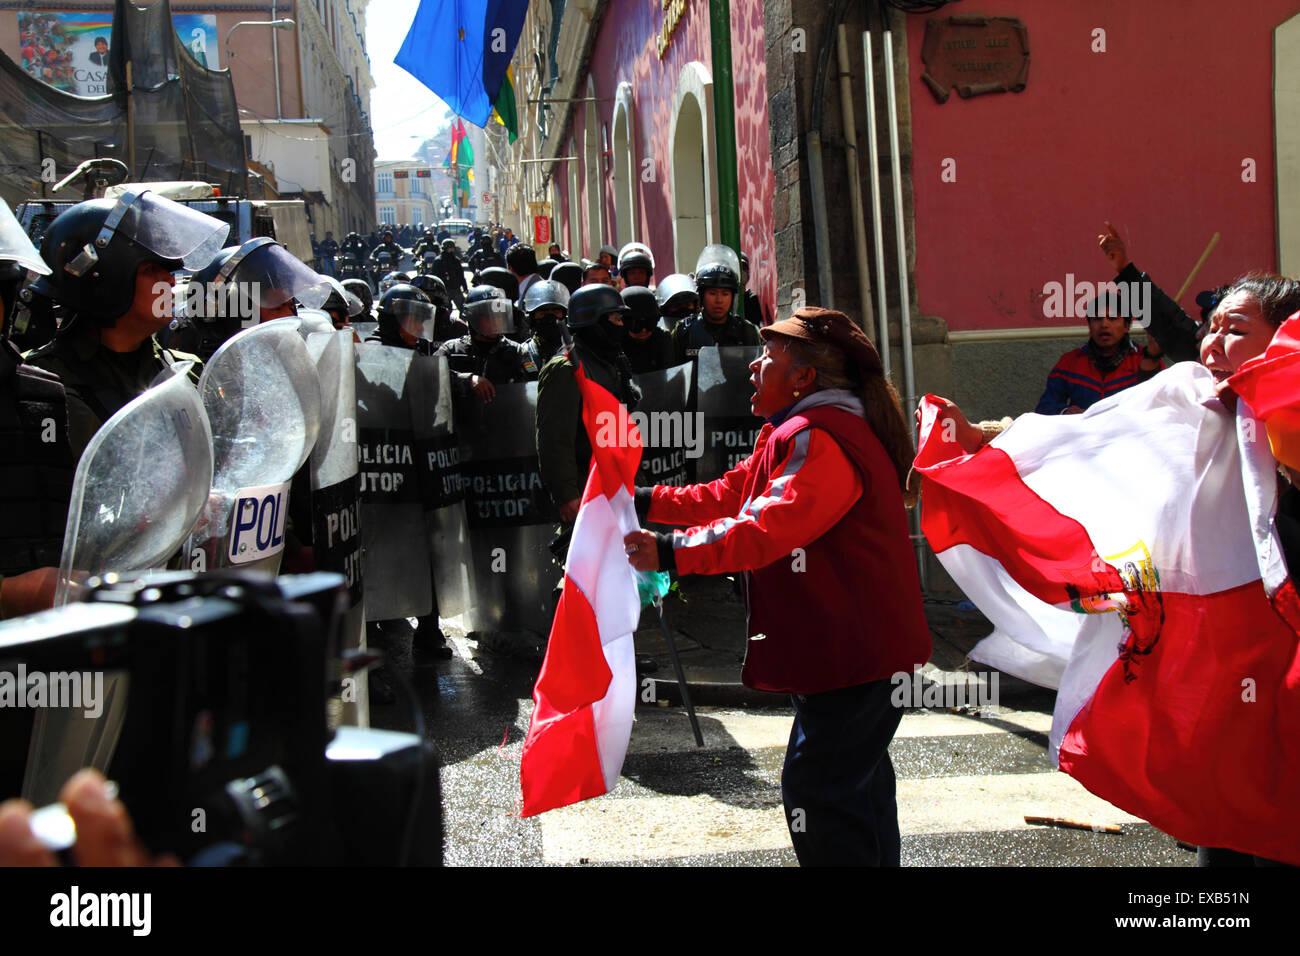 La Paz, Bolivia, 10 de julio de 2015. Un manifestante desde el área de Potosí se enfrenta a la policía antidisturbios durante una protesta por el Comité Cívico de Potosí y partidarios. Ellos están en La Paz para exigir que el gobierno mantiene las promesas hechas a la región en el pasado, que incluyen la construcción de una fábrica de cemento, hospitales, una planta hidroeléctrica y un aeropuerto internacional. La policía utilizó gas lacrimógeno para impedir a los manifestantes entrar en la Plaza Murillo (en el fondo, donde el Palacio Presidencial y el Congreso los edificios son) Credit: James Brunker/Alamy Live News Foto de stock